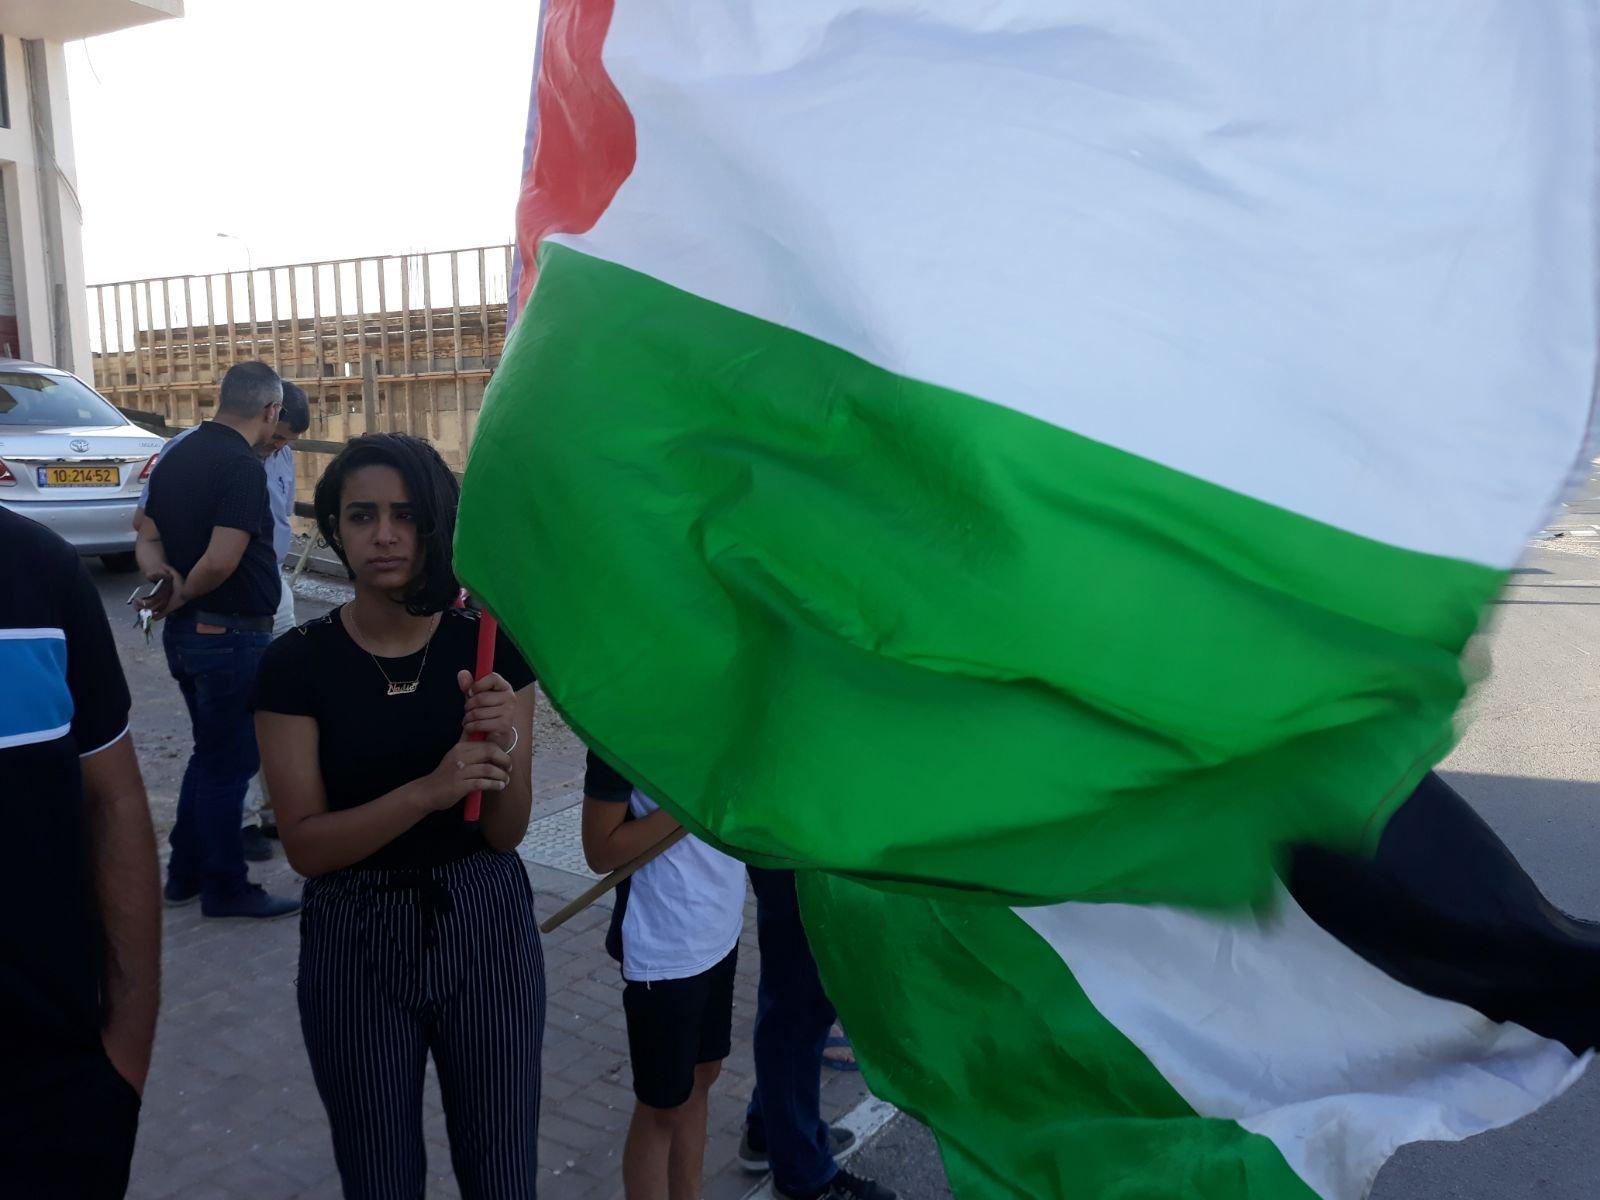 في مظاهرة اهالي جديدة المكر: القدس عاصمة فلسطين الأبدية